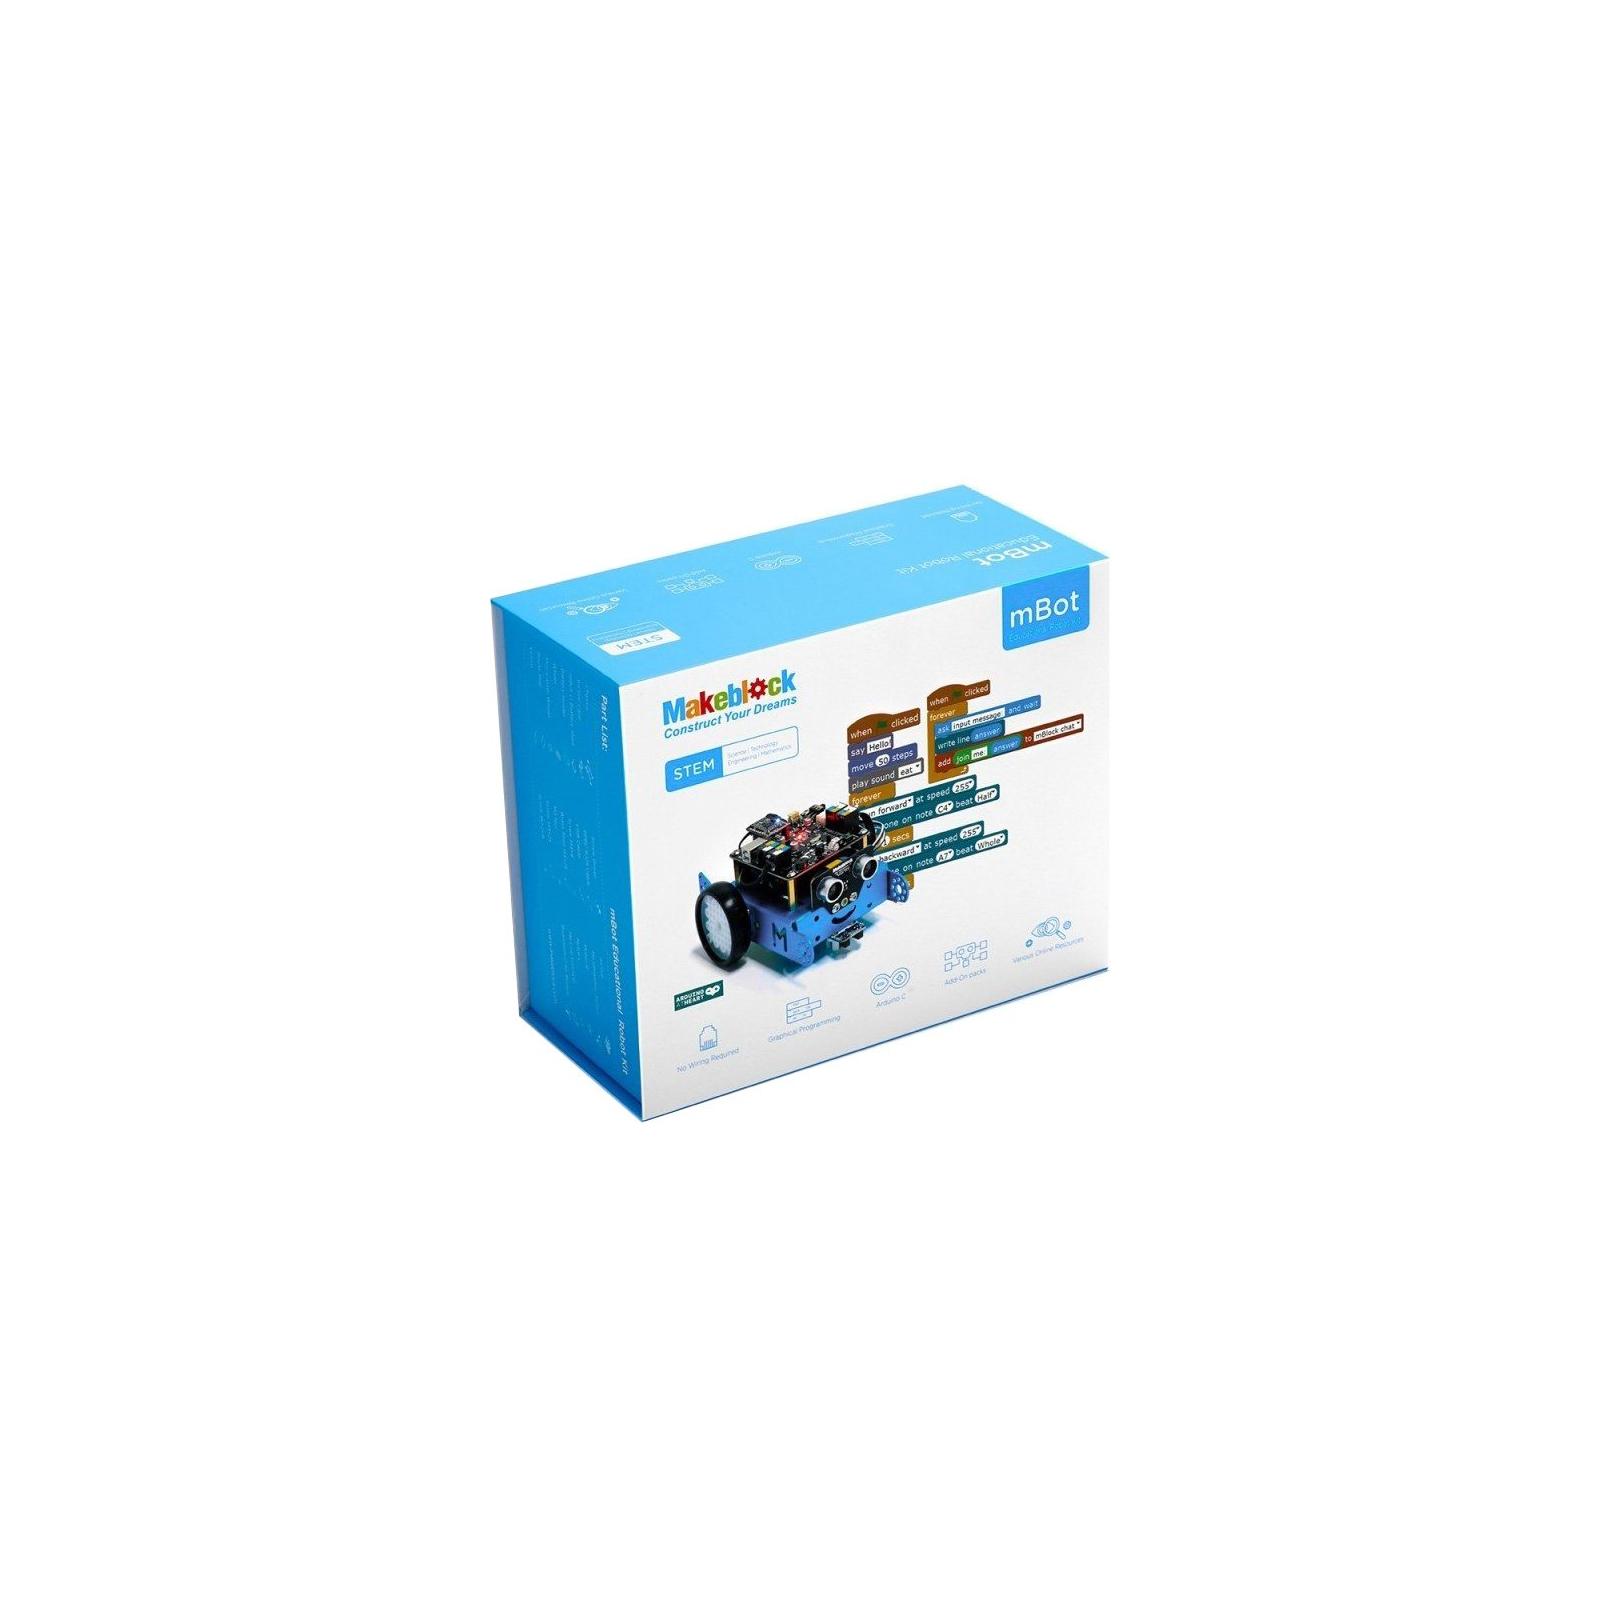 Робот Makeblock mBot v1.1 BT Blue (09.00.53) изображение 7